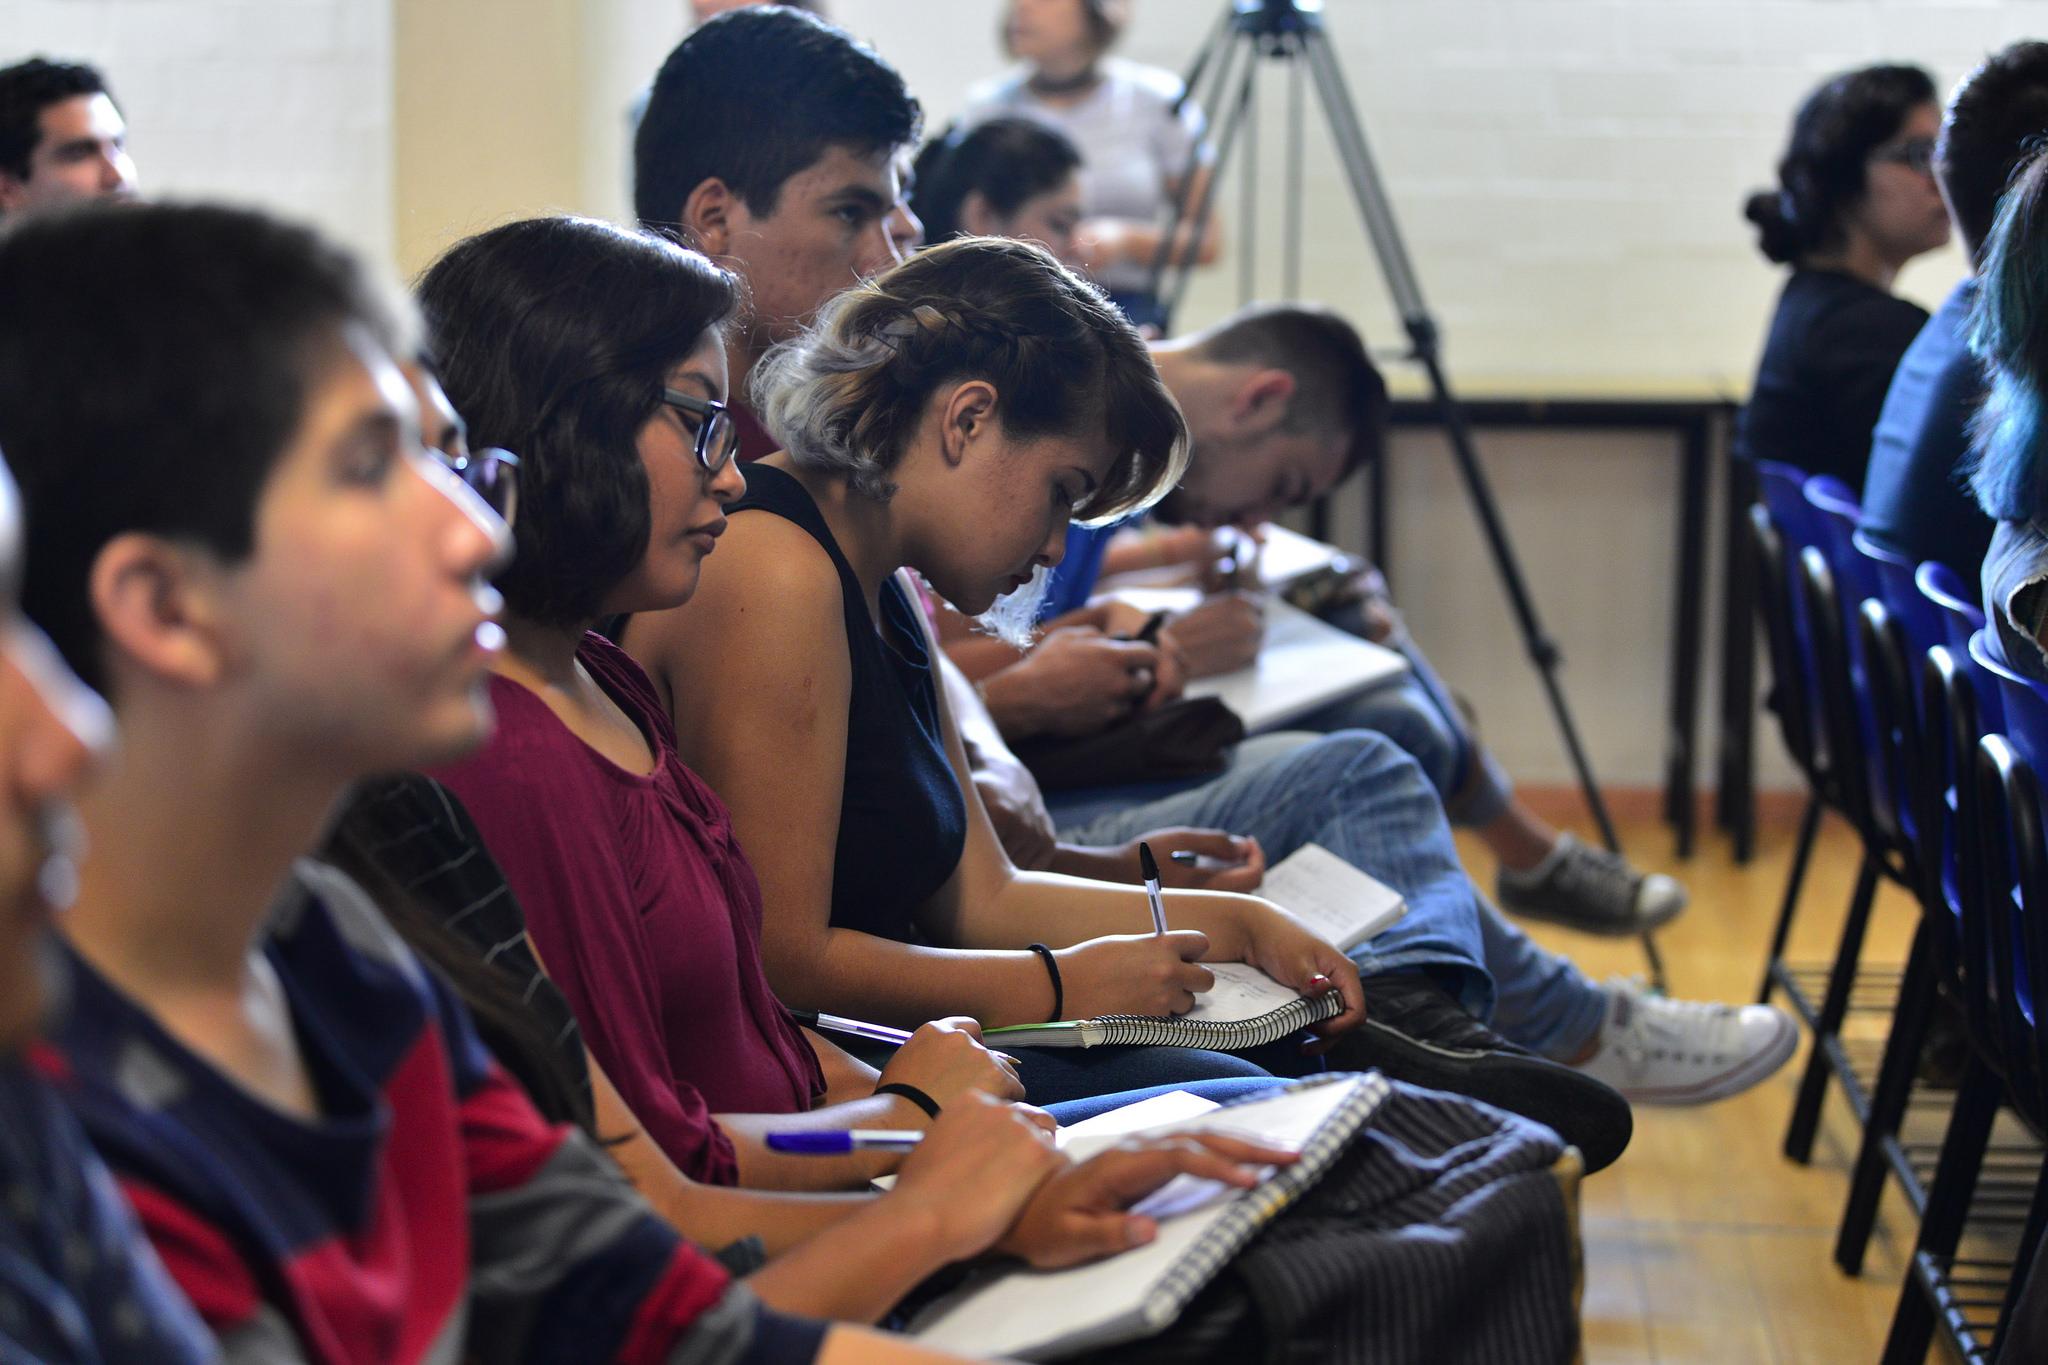 Estudiantes del Cuciénega asistentes a la charla, tomando notas.